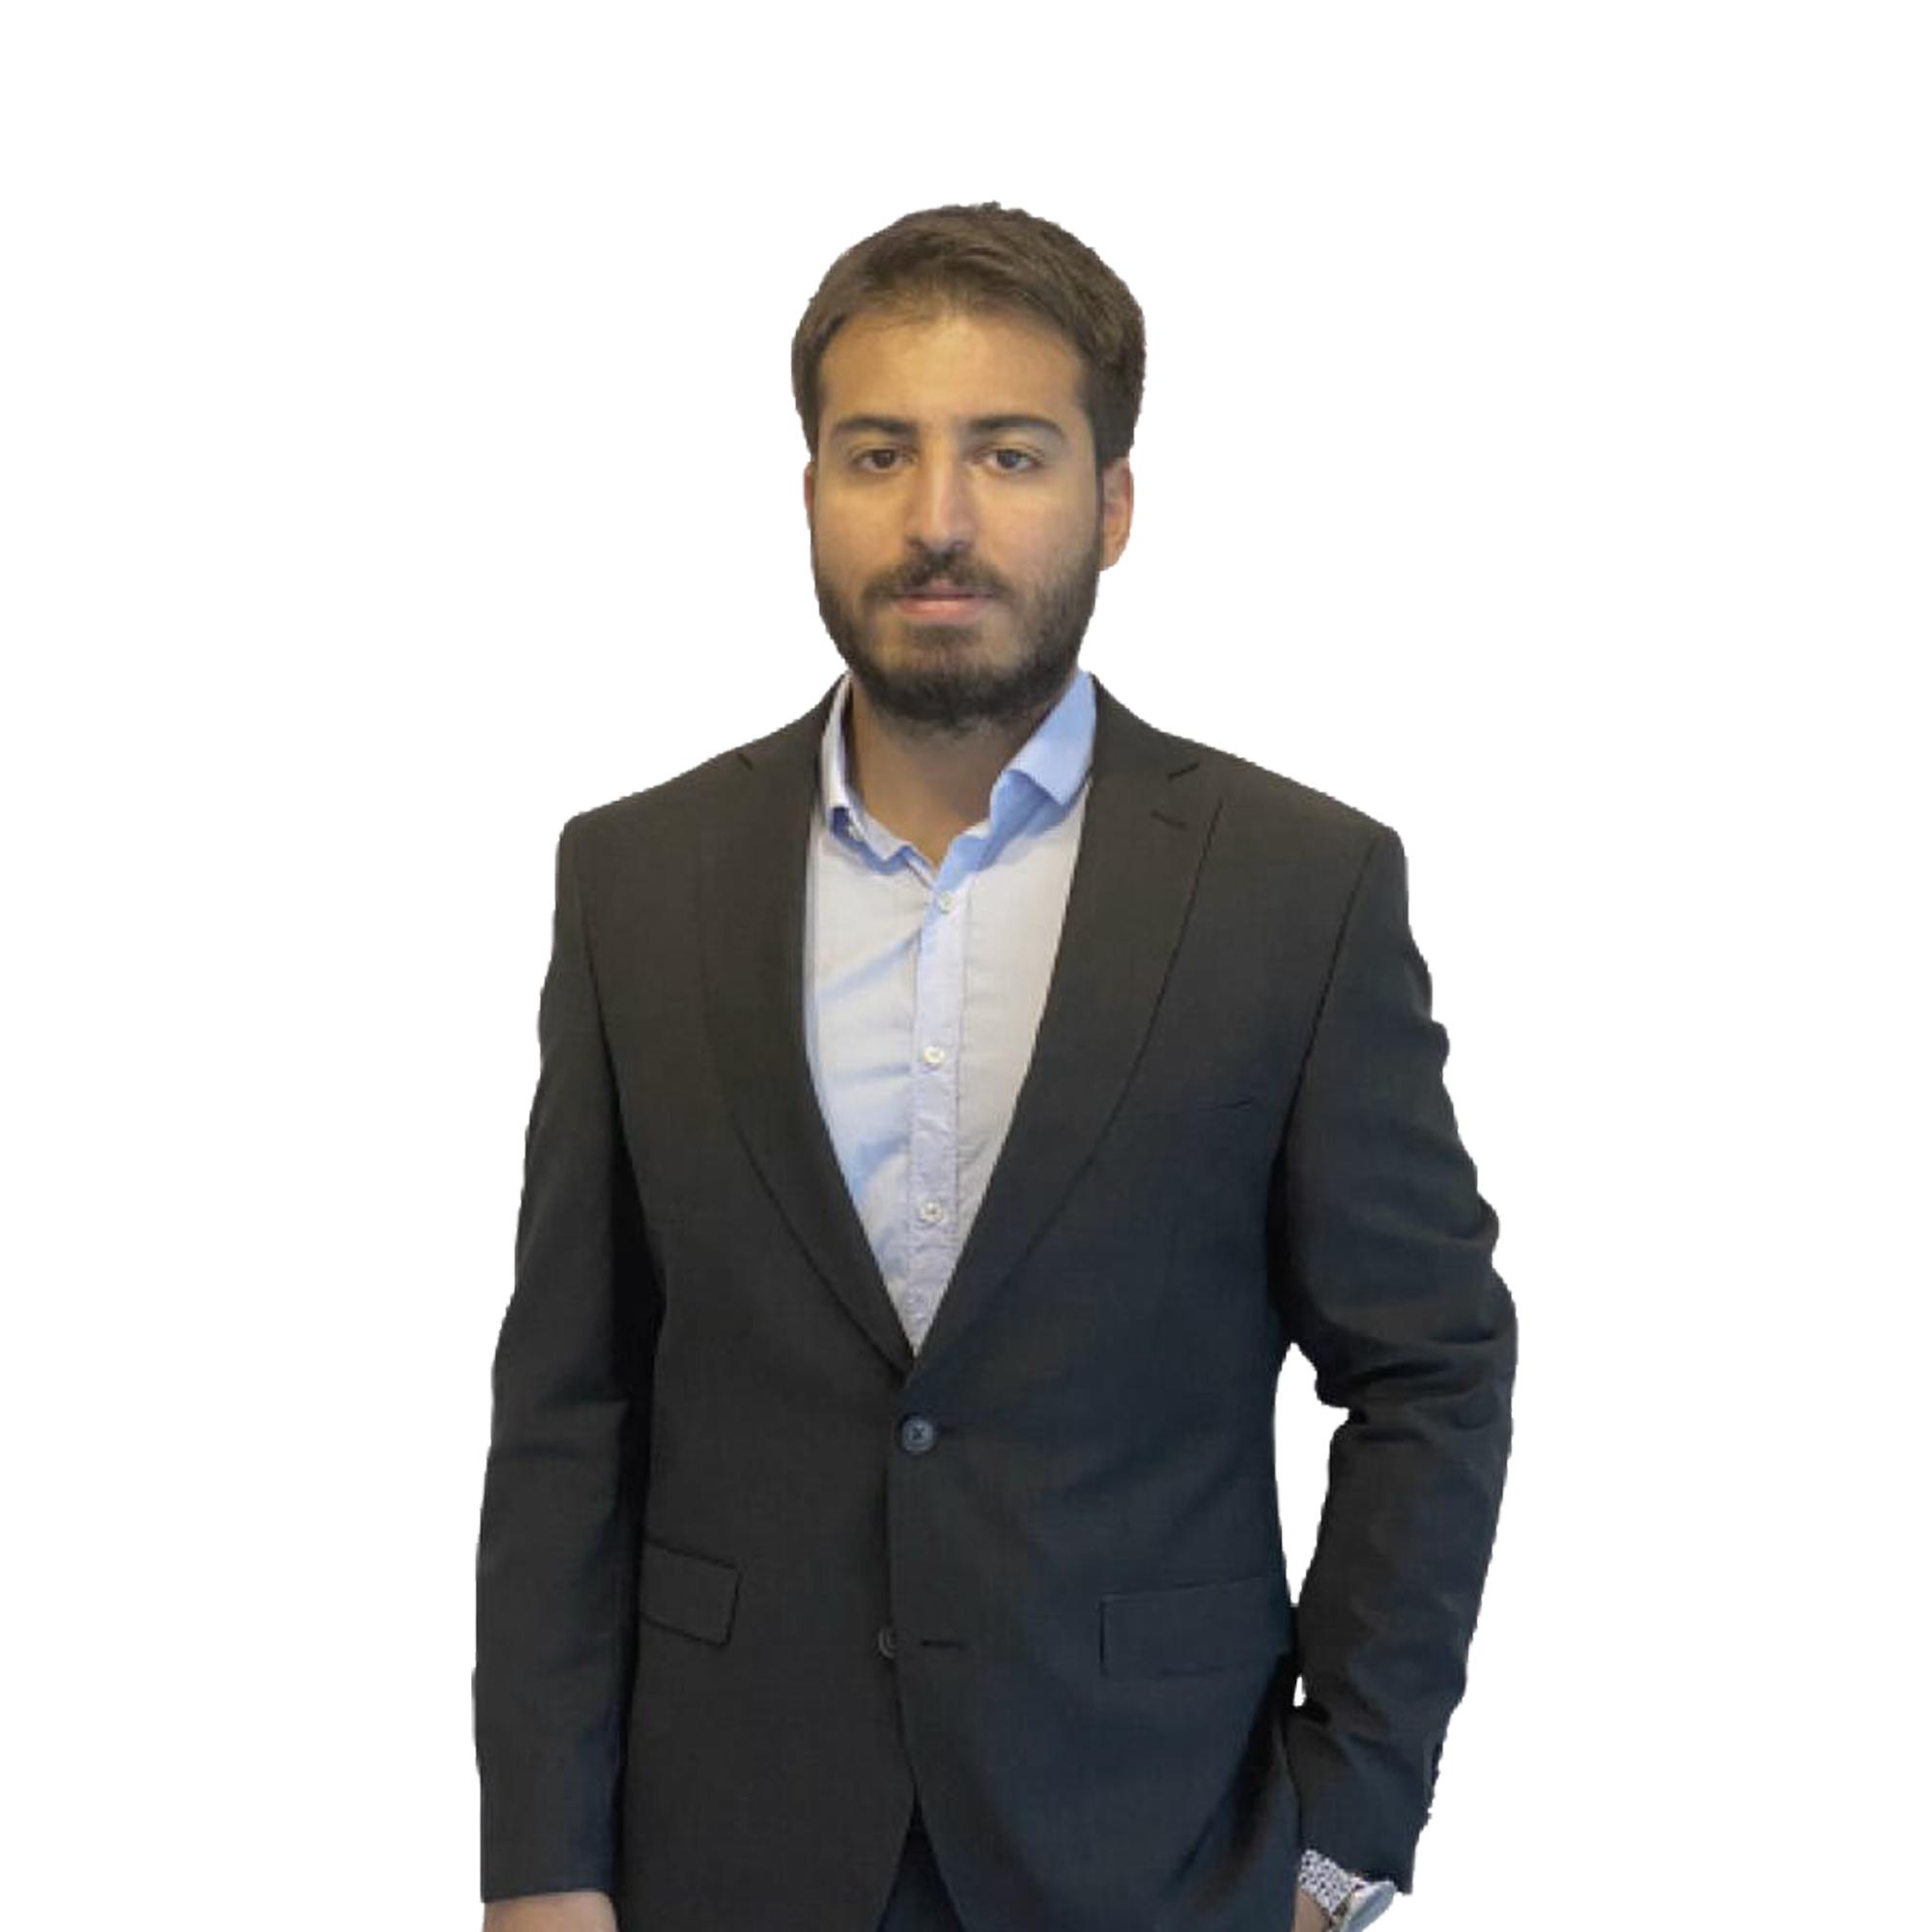 Mohannad Alzahrawi